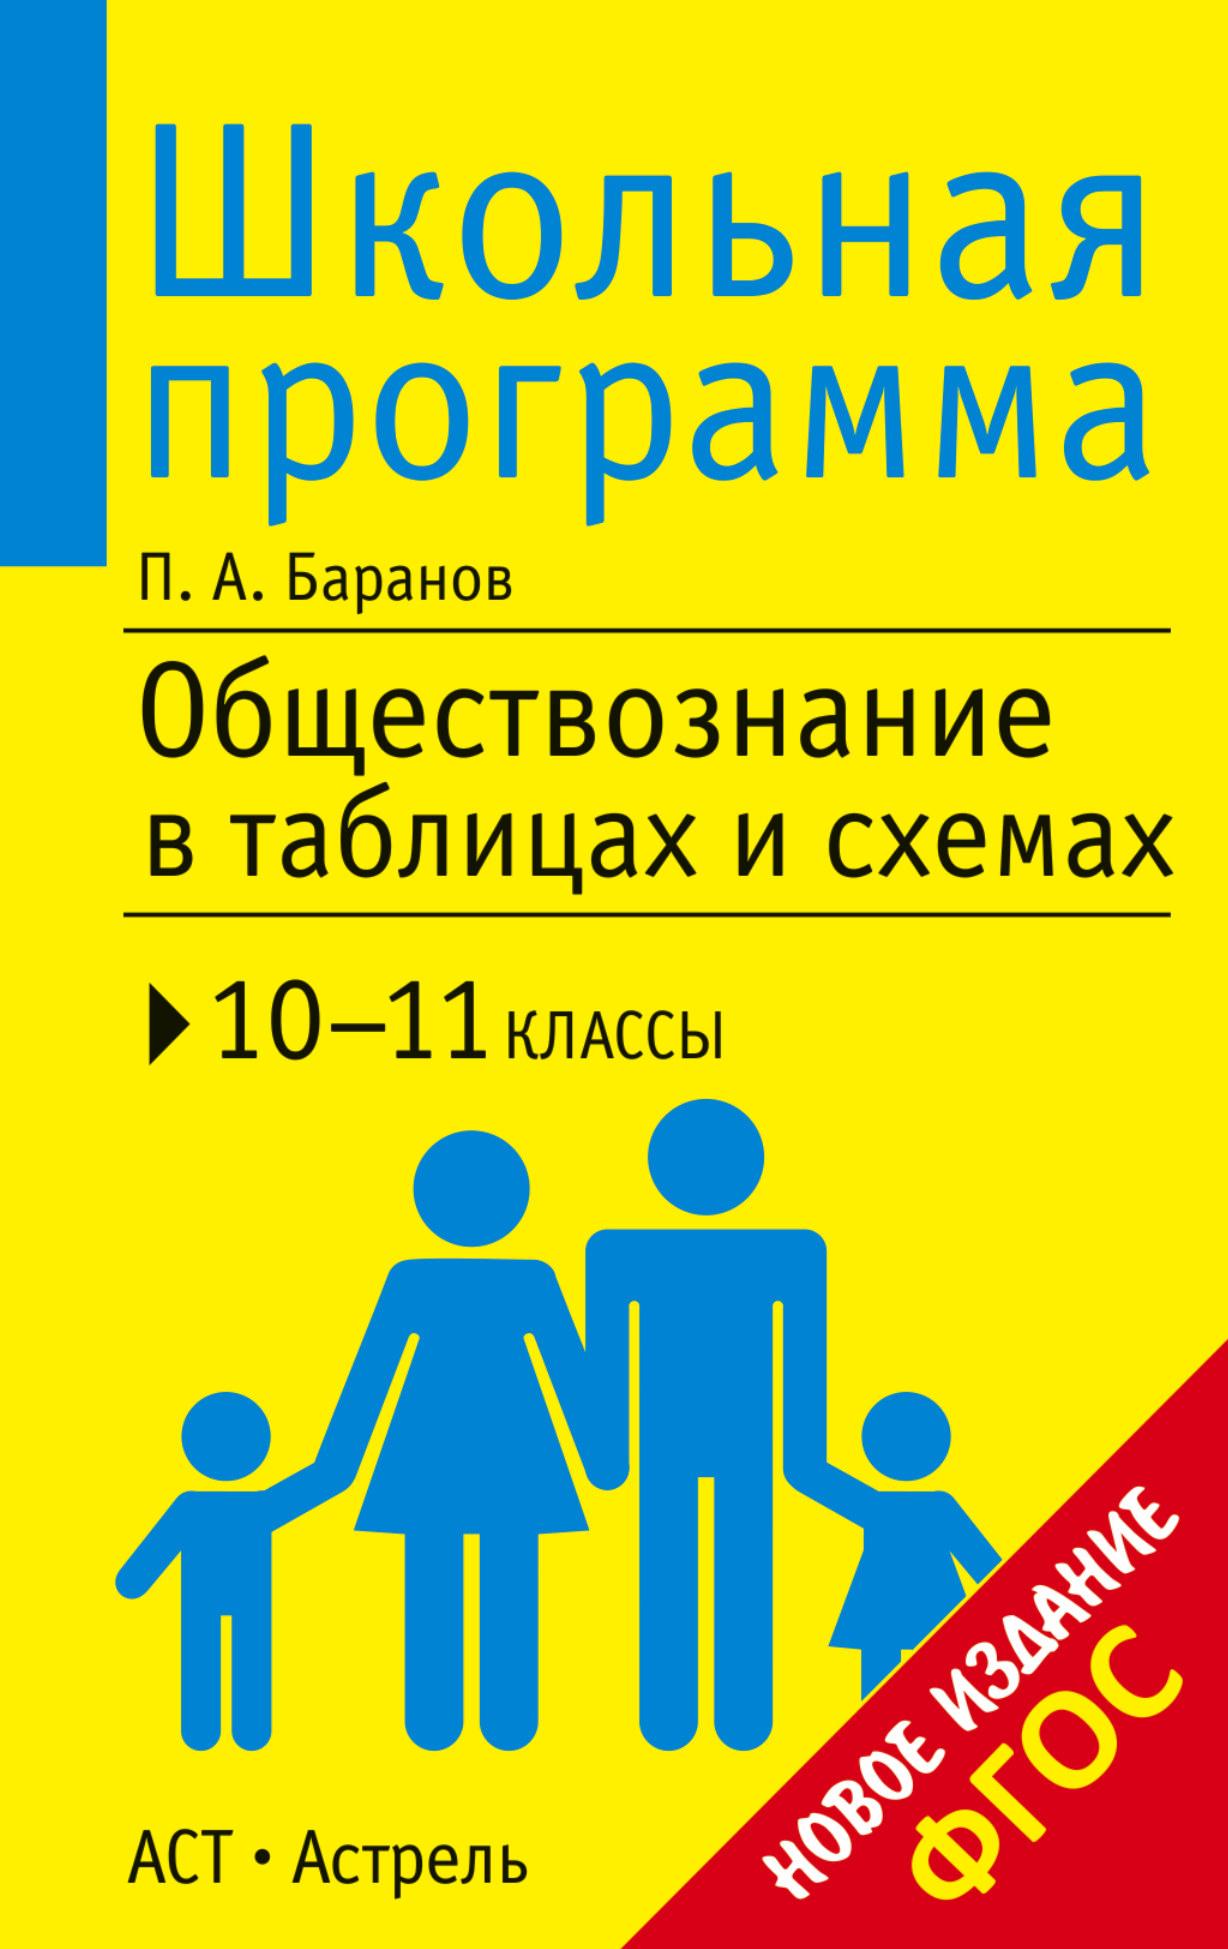 Обществознание в таблицах и схемах. 10-11 классы от book24.ru